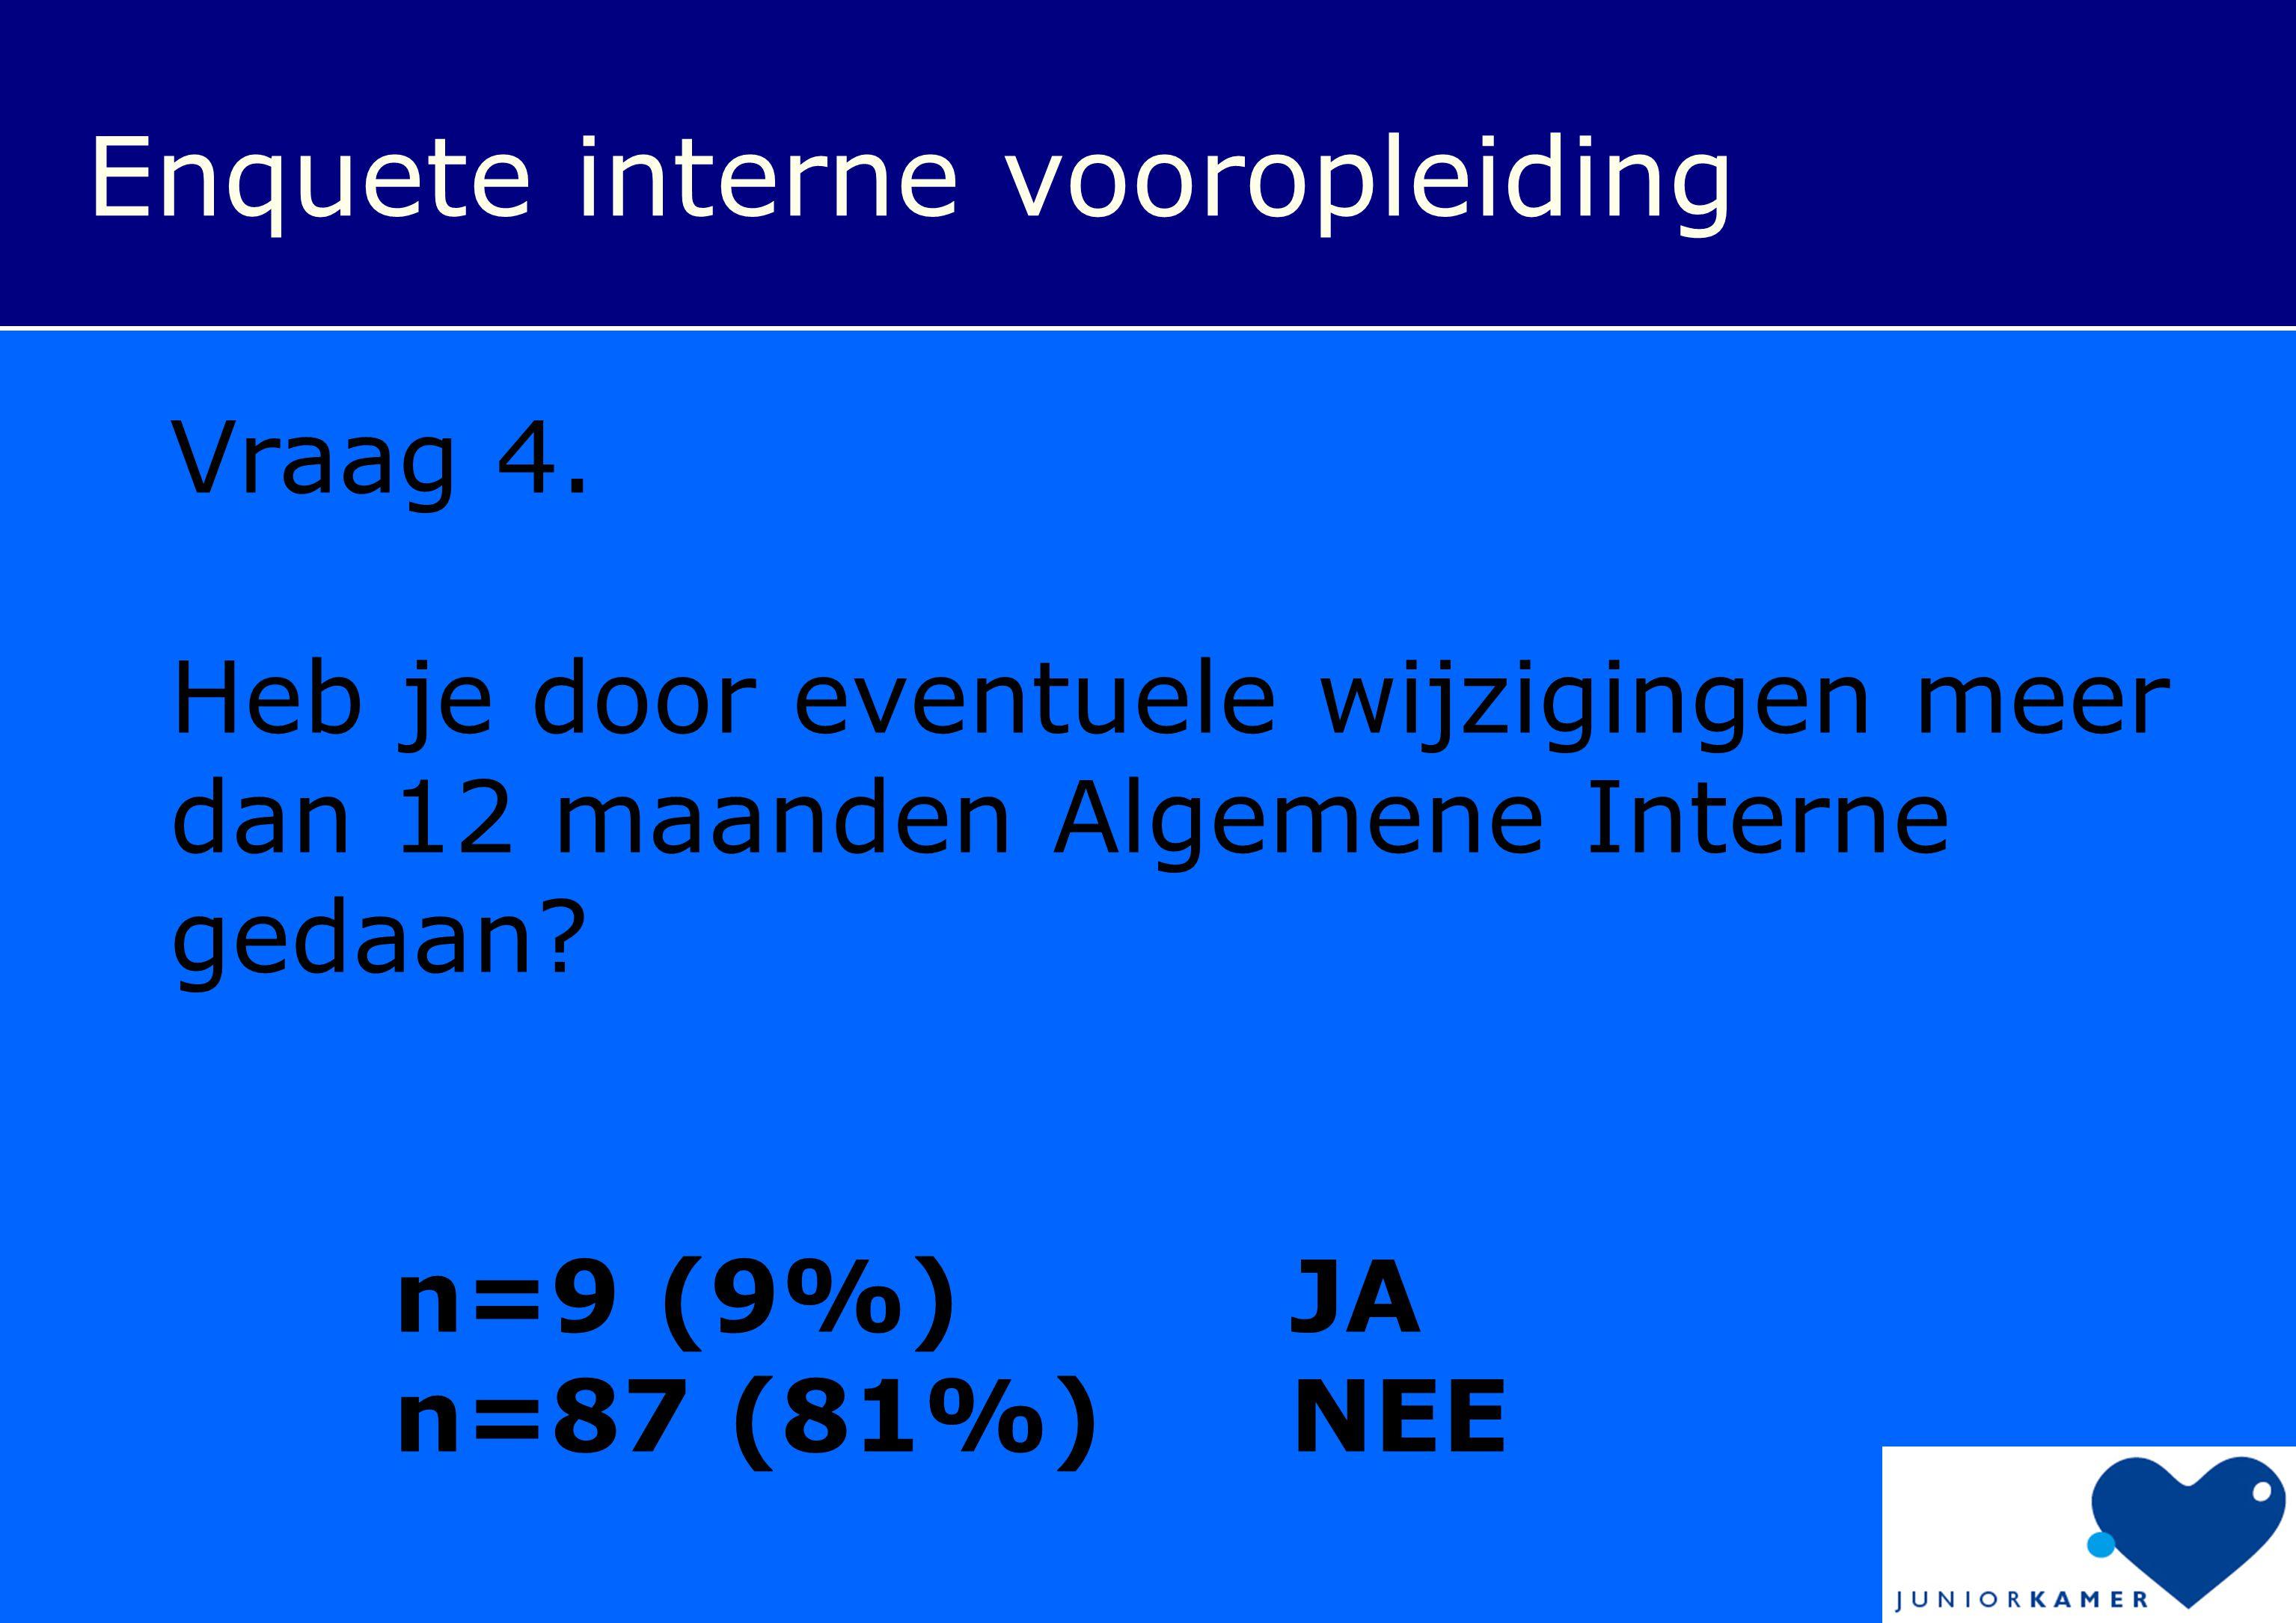 Enquete interne vooropleiding Vraag 4. Heb je door eventuele wijzigingen meer dan 12 maanden Algemene Interne gedaan? n=9 (9%) JA n=87 (81%) NEE